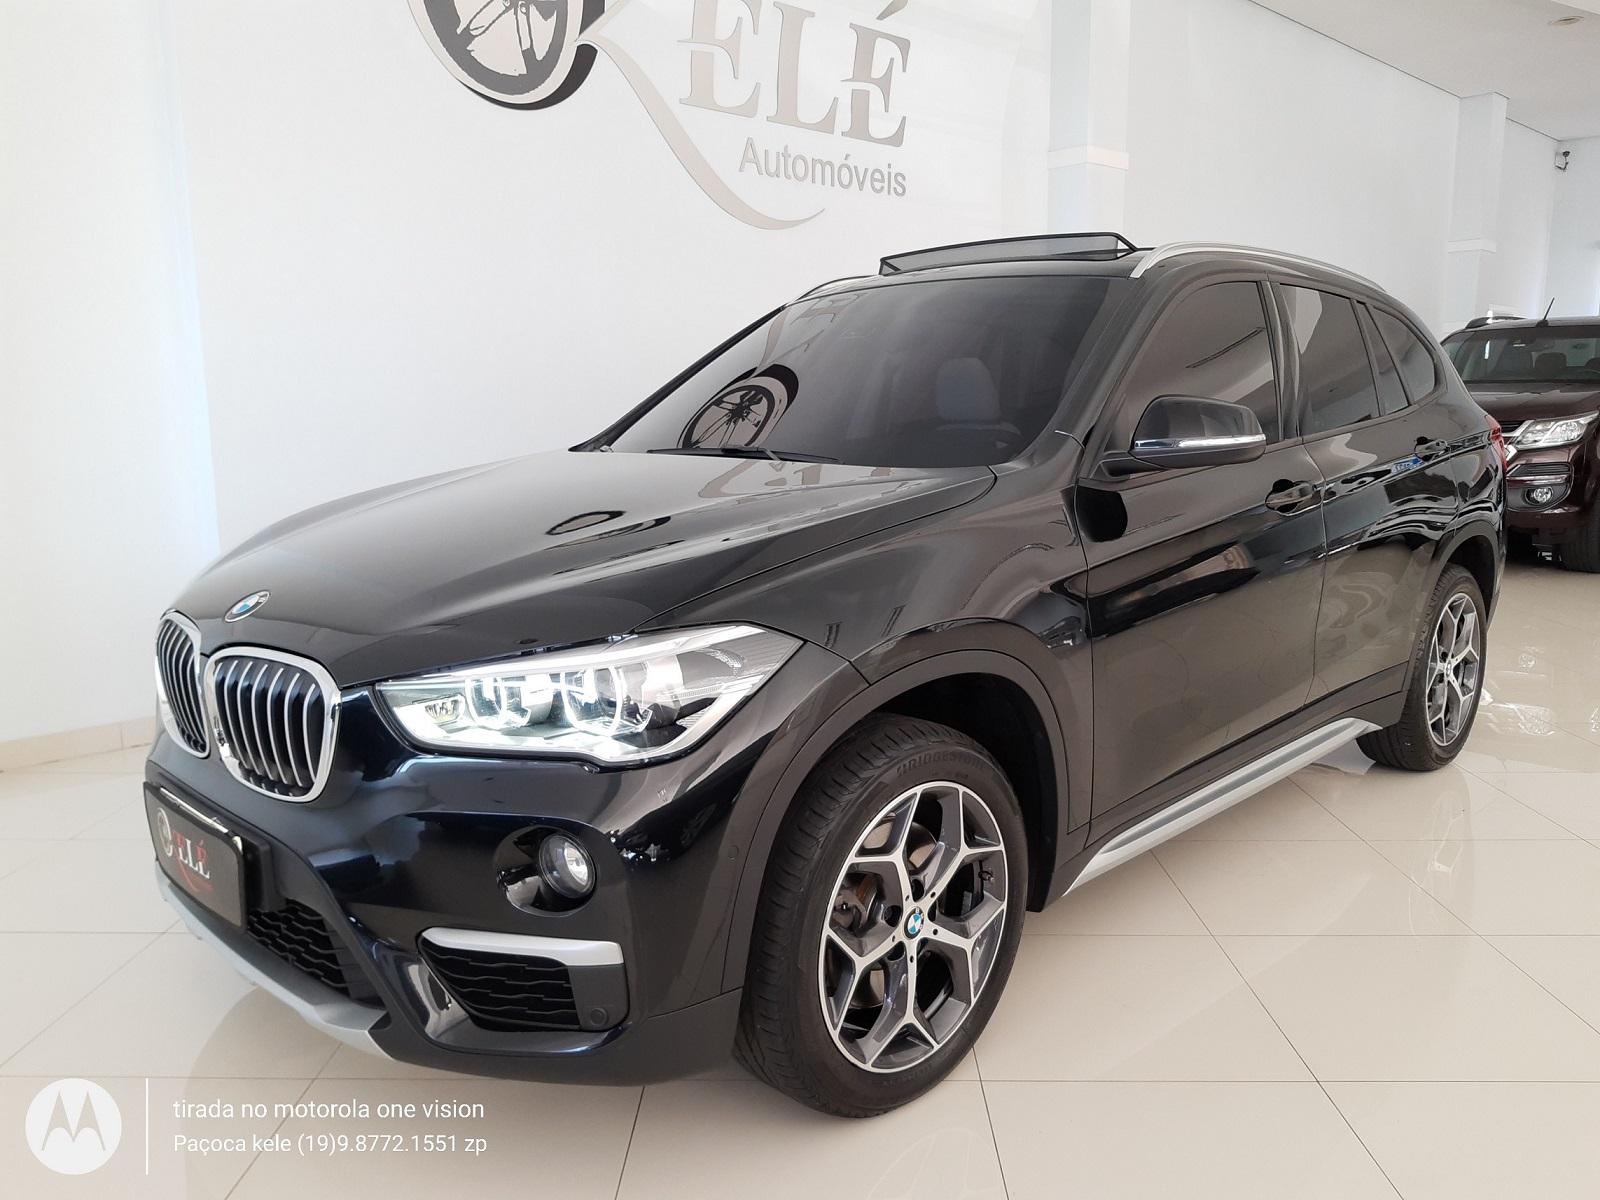 BMW X1 S DRIVE 20i X-LINE 2.0